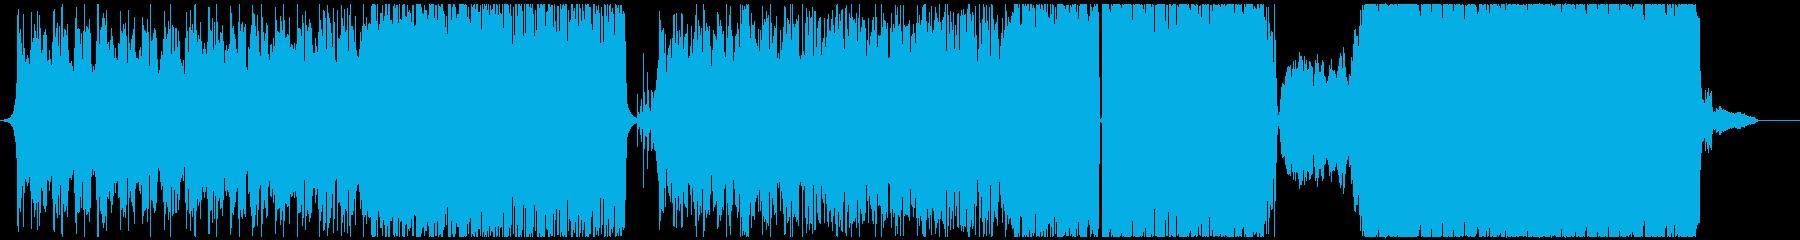 ポップロック 広い 壮大 ワイルド...の再生済みの波形